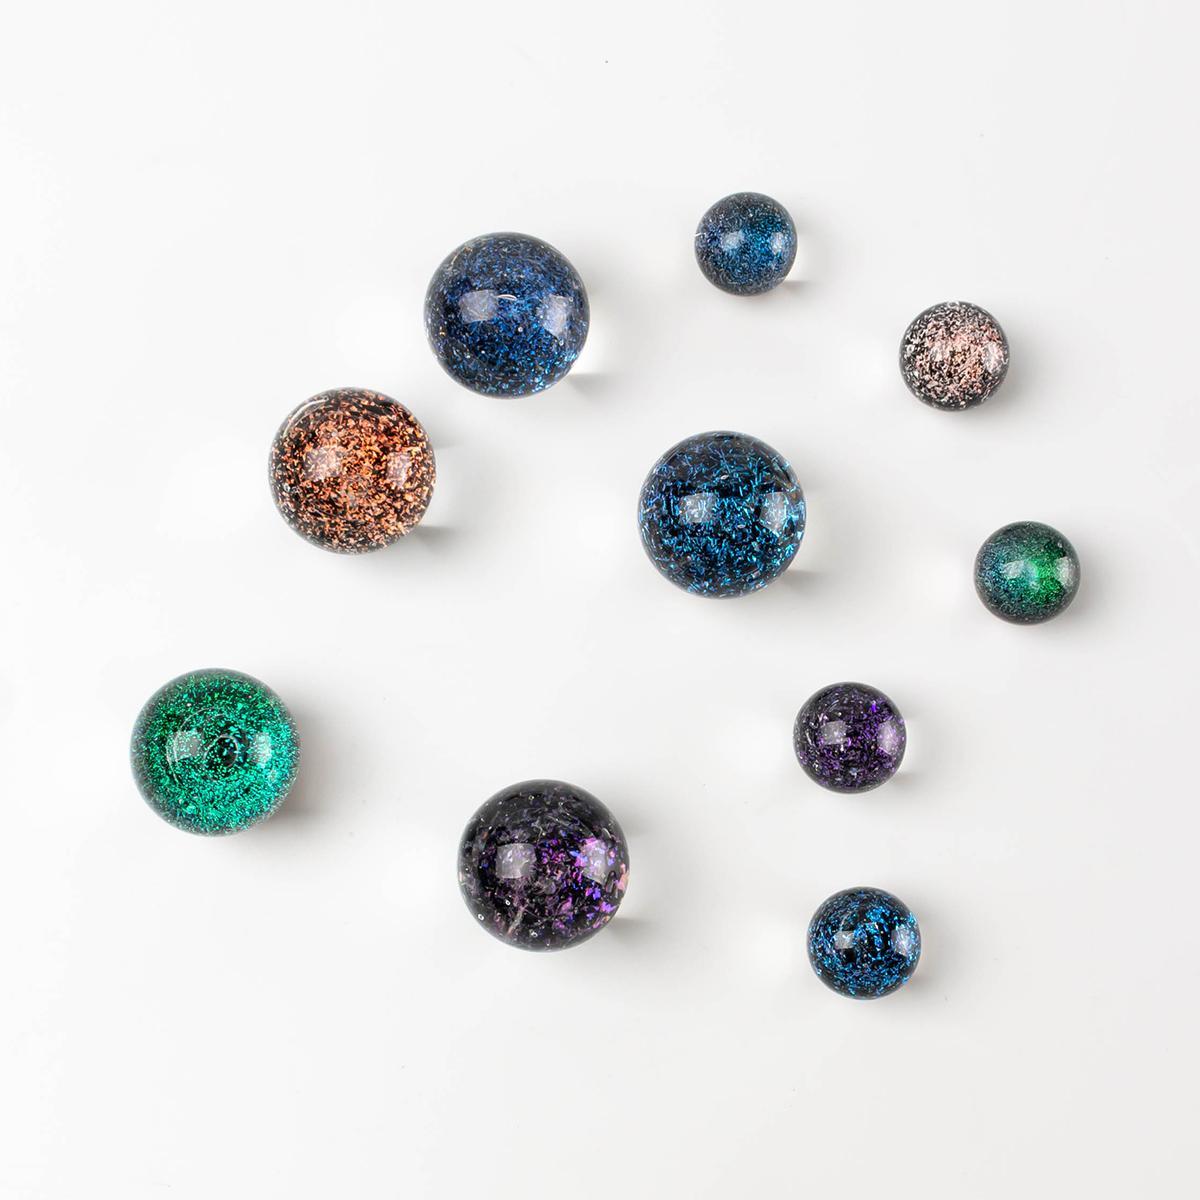 Новый стиль Terp Pearls 14 мм 22 мм стеклянные жемчужины вставьте костюм для Terp Slurper Quartz Banger кварцевые ногти